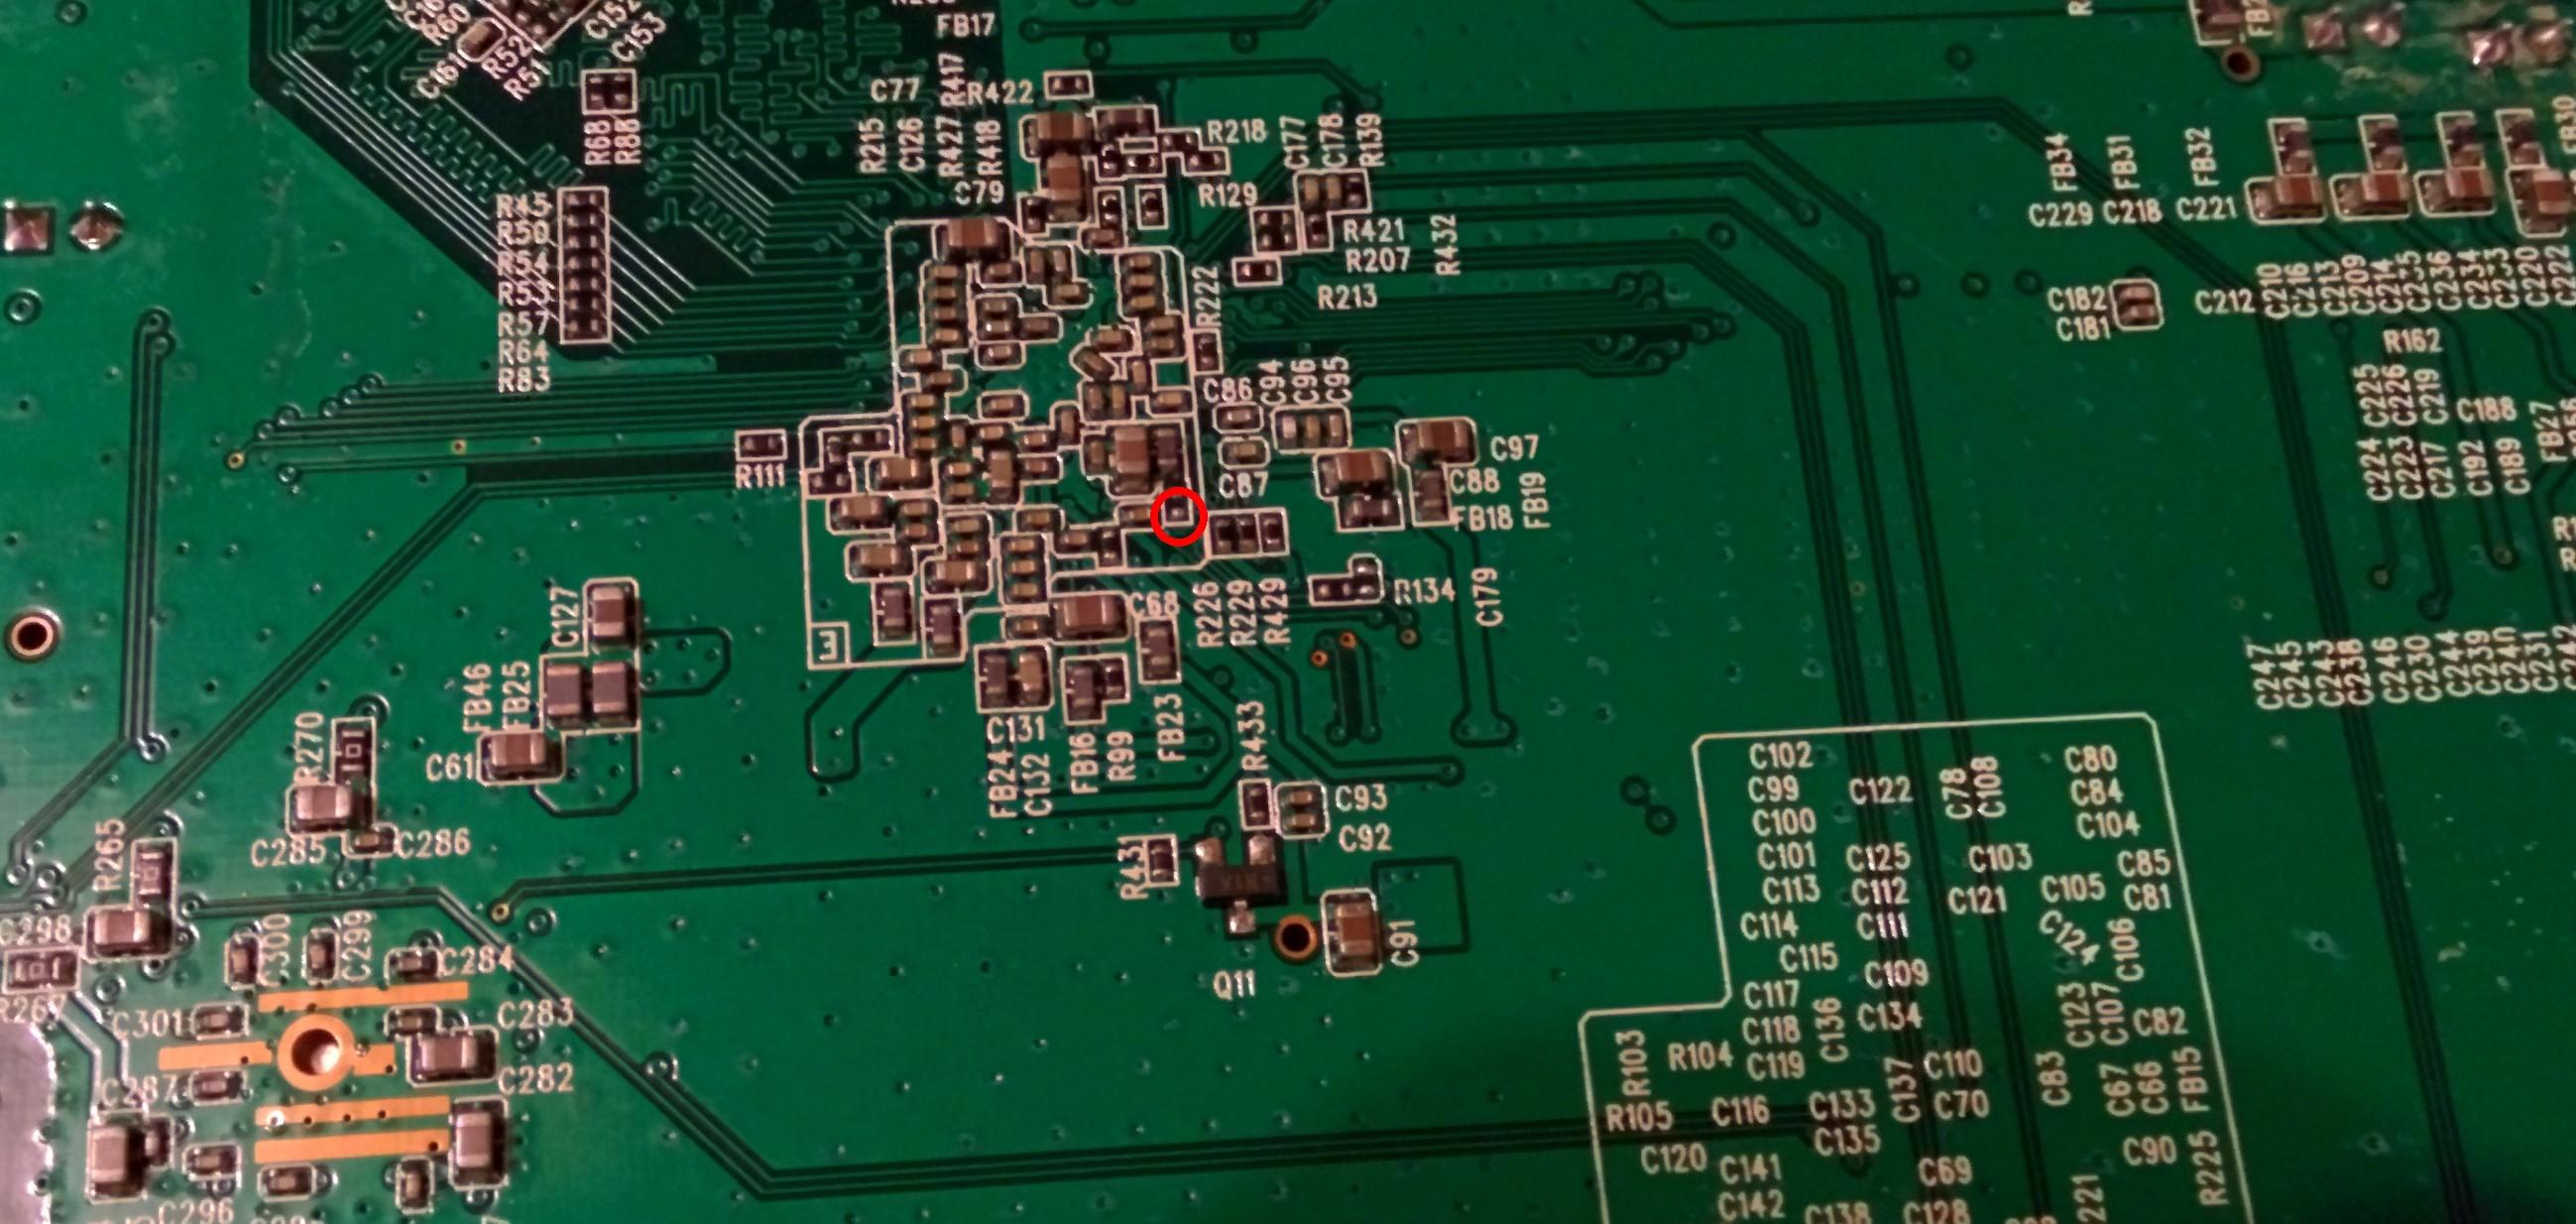 Circuito Wikipedia : Proyecto determinación del factor de potencia de un circuito rlc